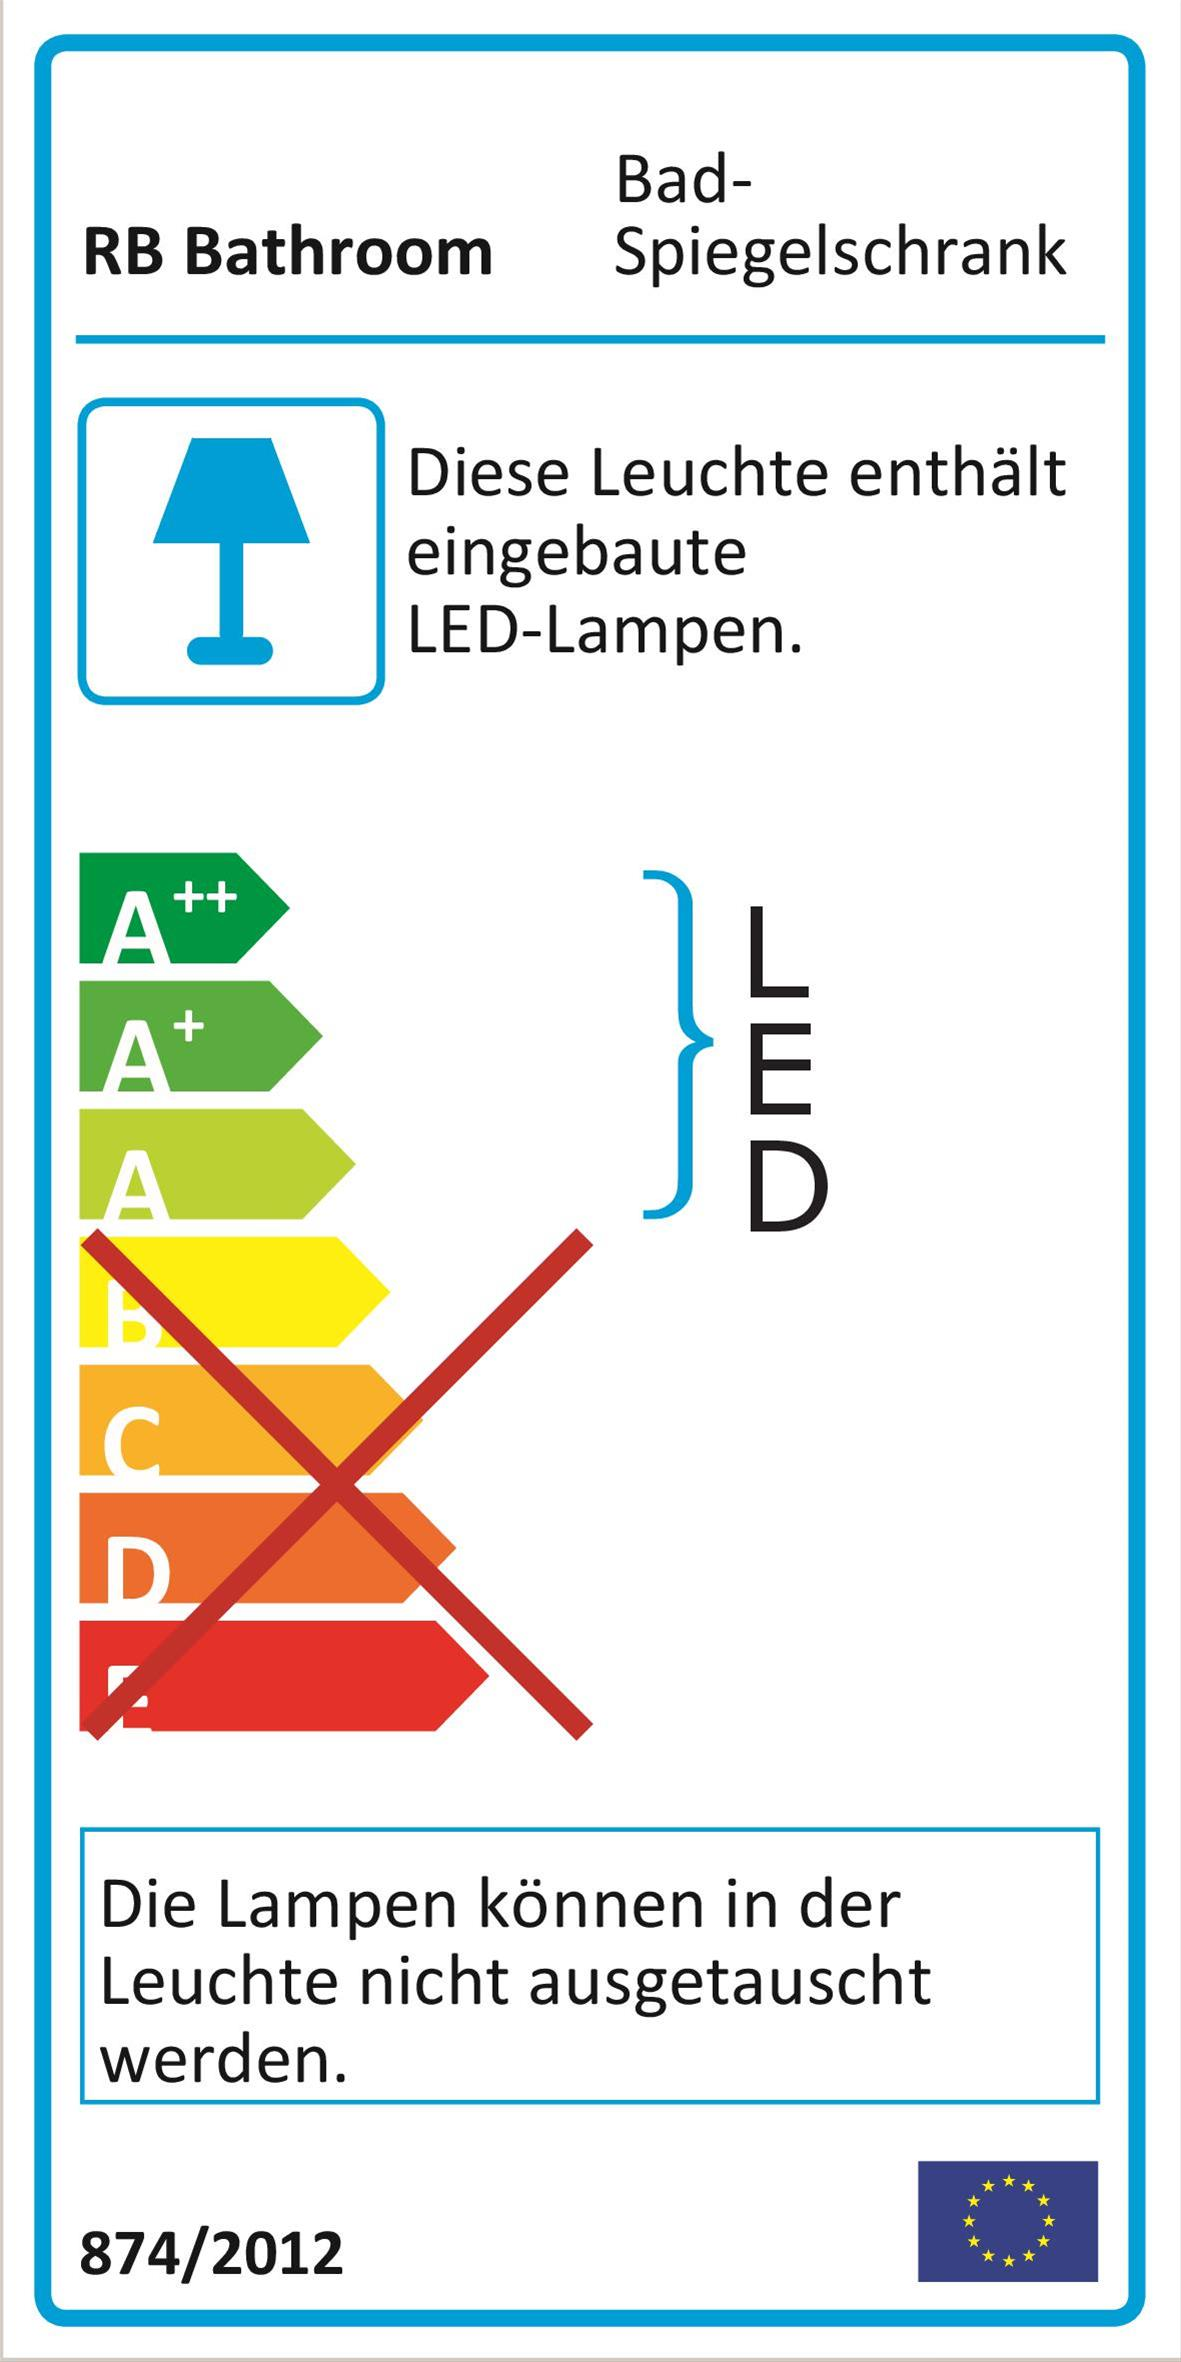 Bad LED Spiegelschrank Scandic 60 Eiche schwarz Bild 4